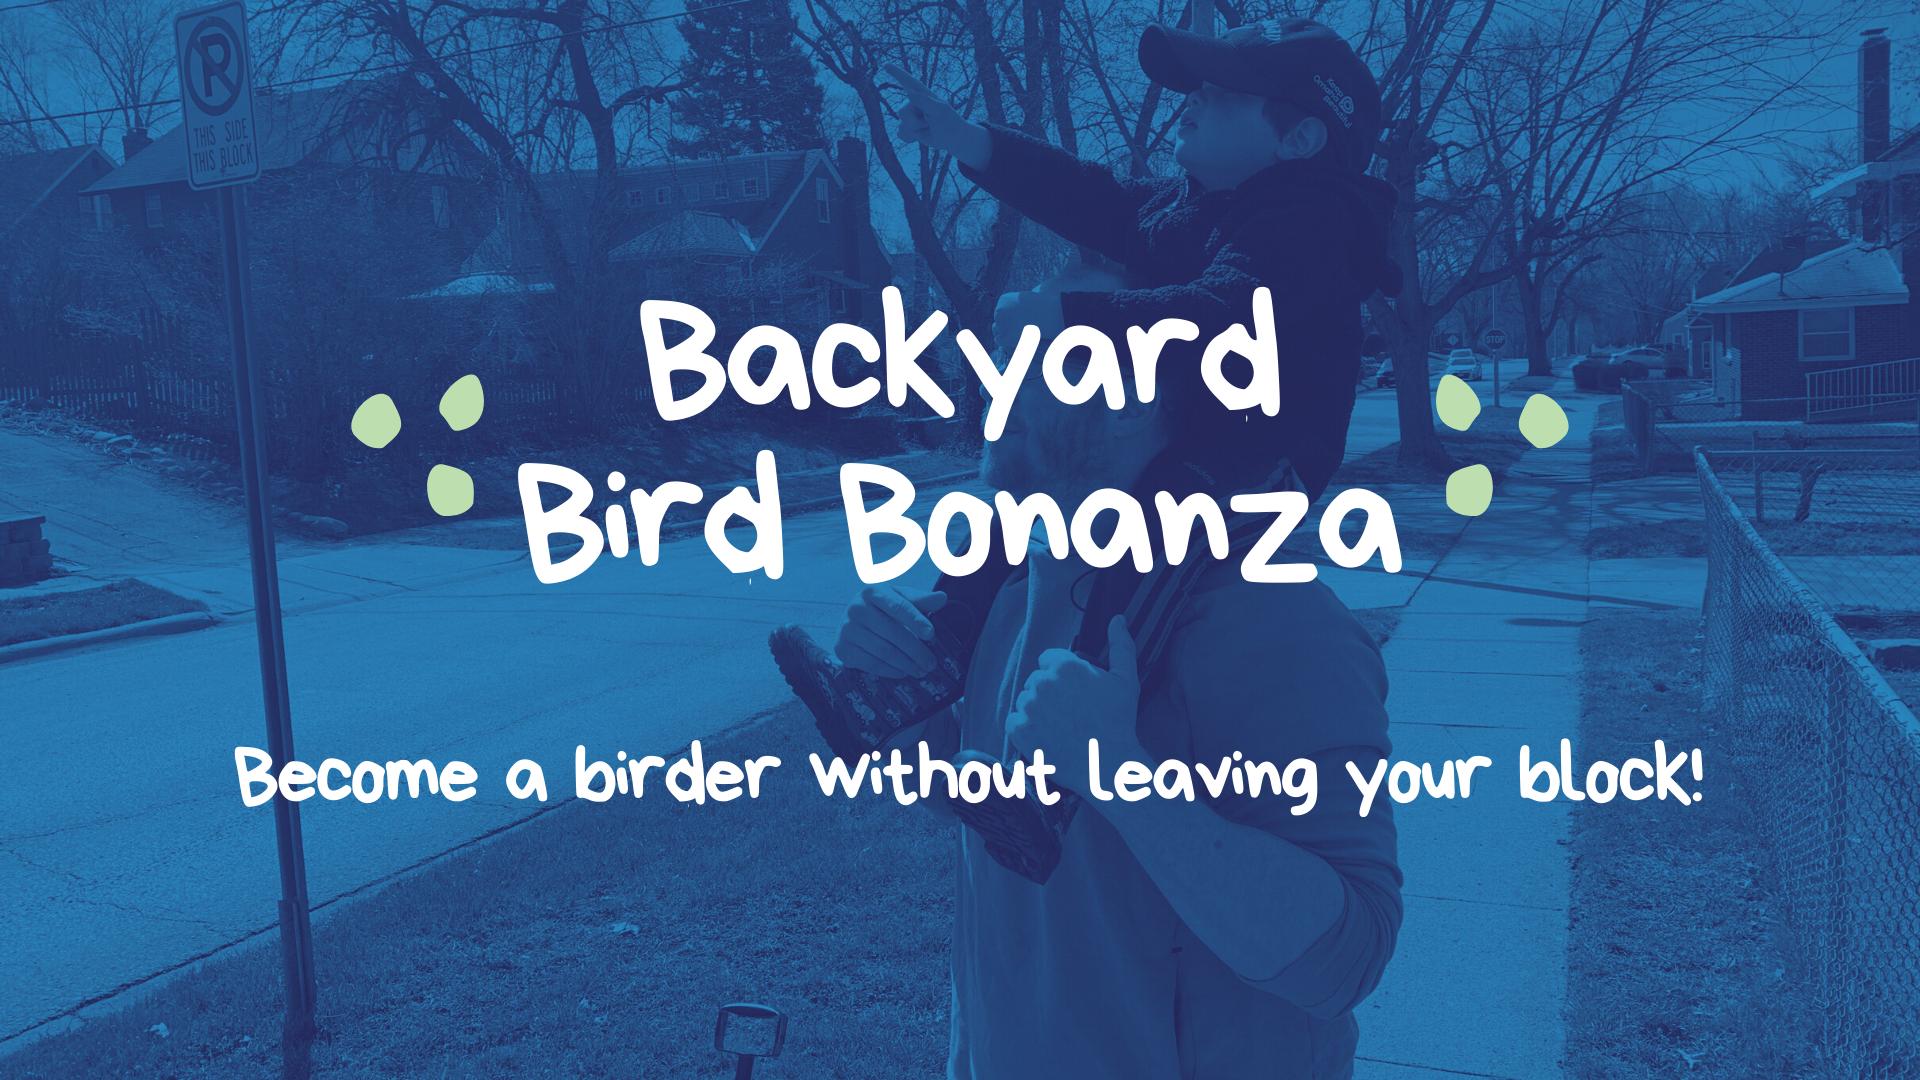 Backyard Bird Bonanza